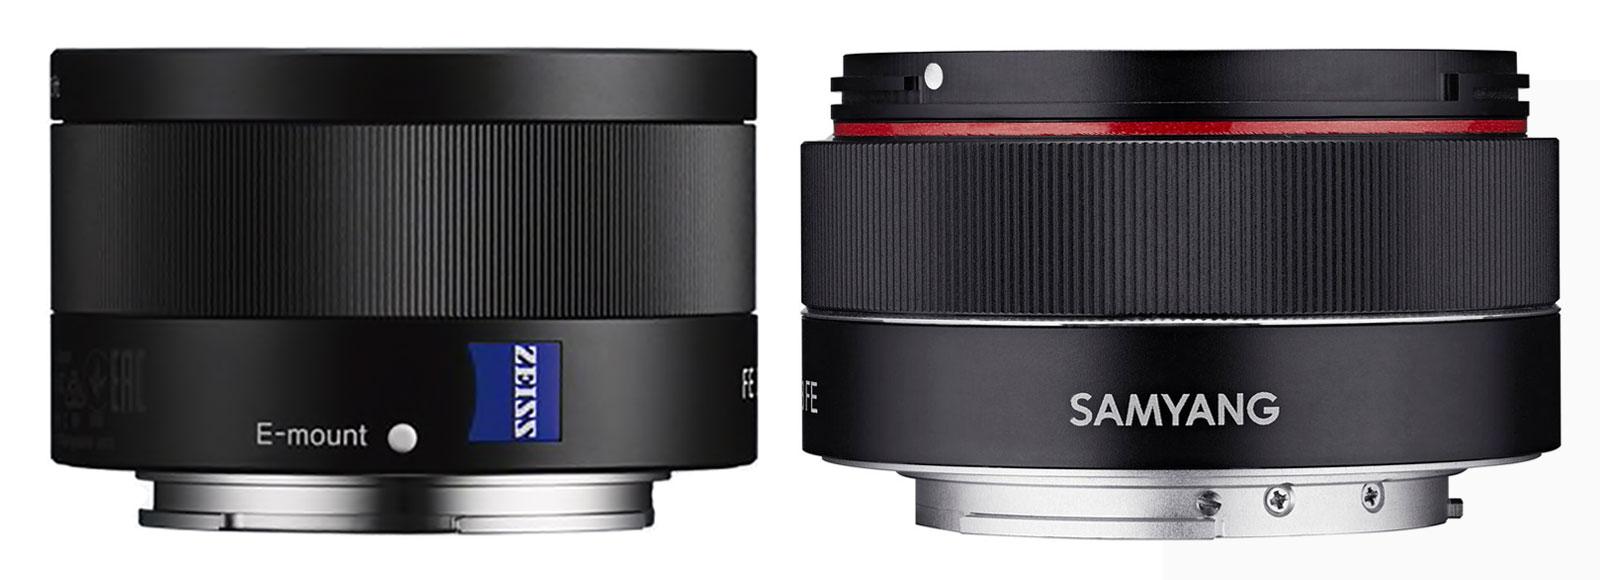 Sony FE 35mm F2.8 ZA vs Samyang AF 35mm F2.8 FE lens comparison